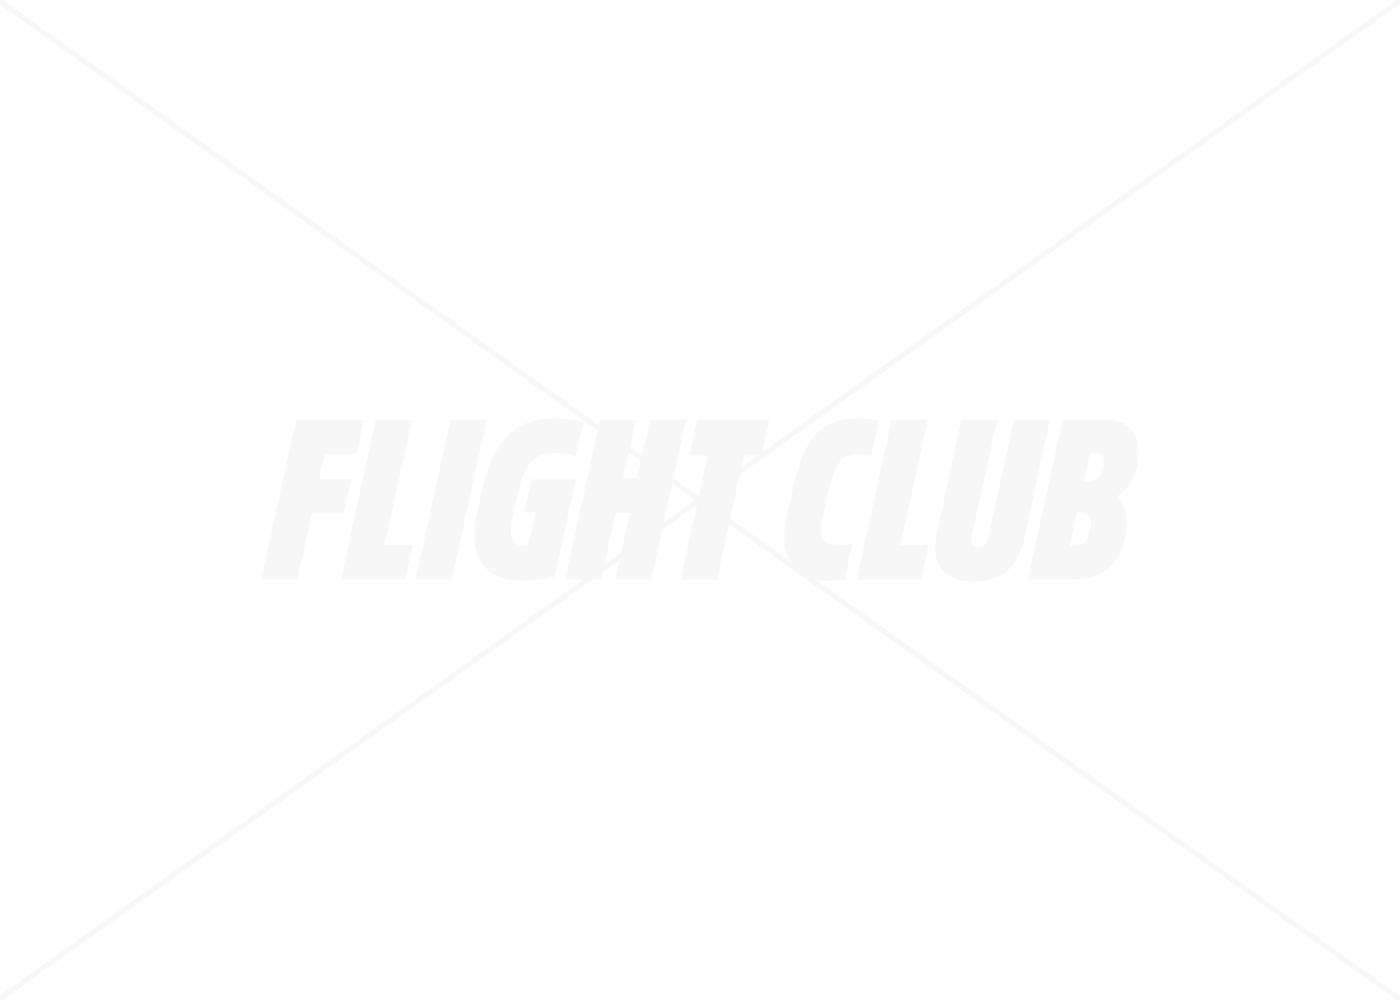 8cc17677ceb6a8 Travis Scott x Air Jordan 1